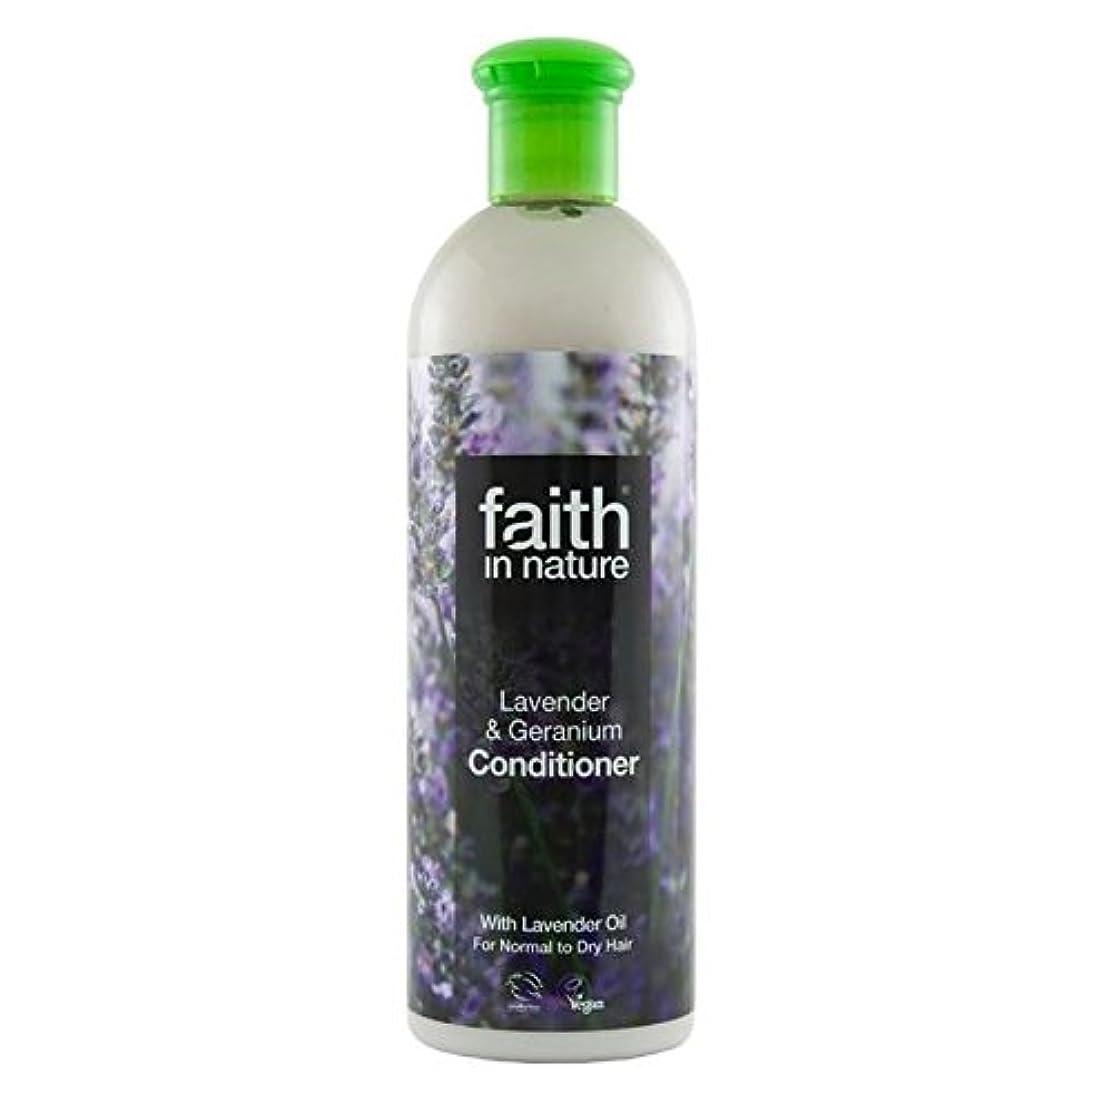 やけど桁悔い改めFaith in Nature Lavender & Geranium Conditioner 400ml (Pack of 6) - (Faith In Nature) 自然ラベンダー&ゼラニウムコンディショナー400...